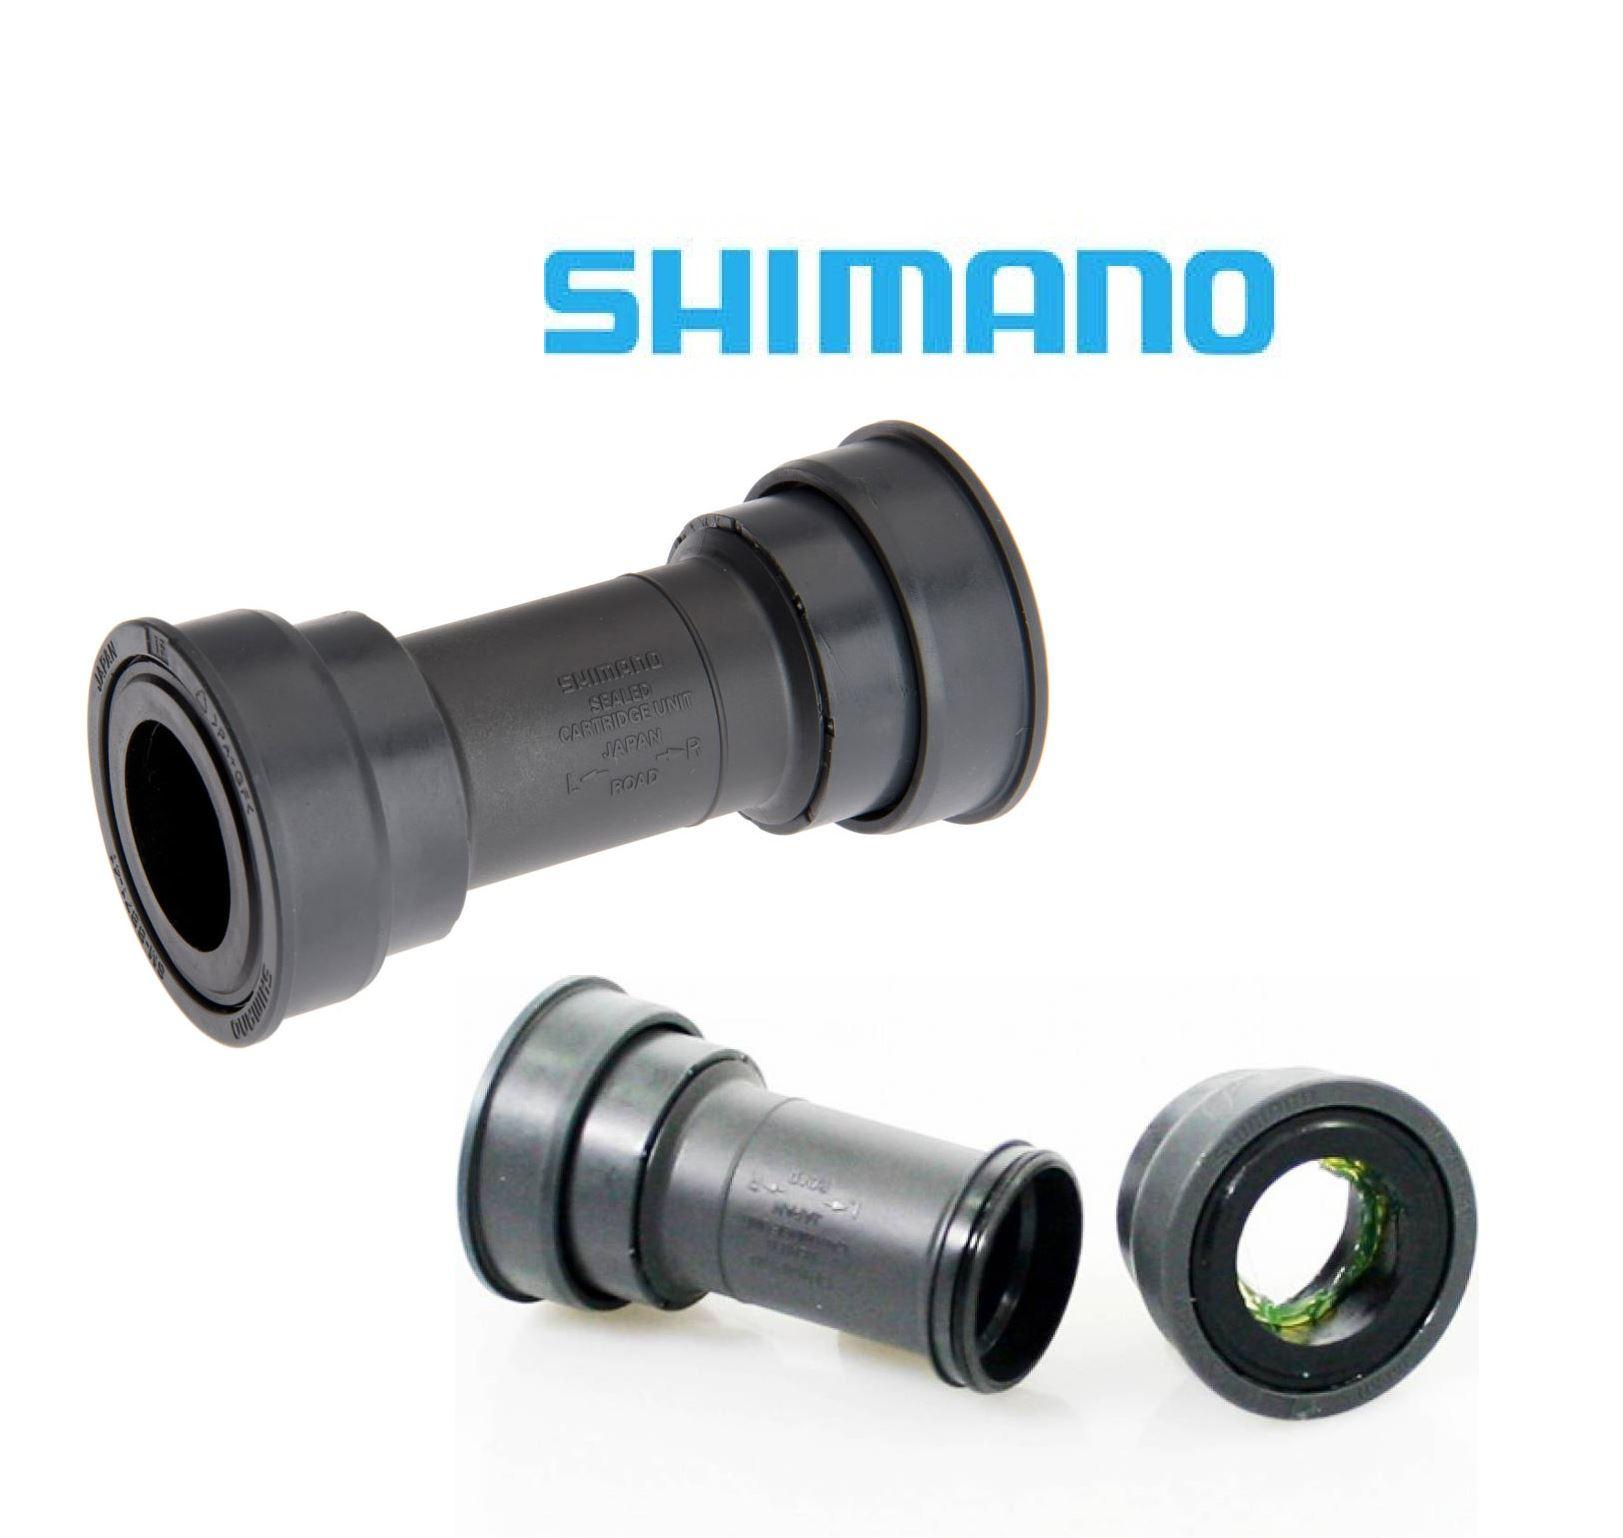 Eje de pedalier Shimano sistema press-fit gris Shimano SM-BB71-41B Road